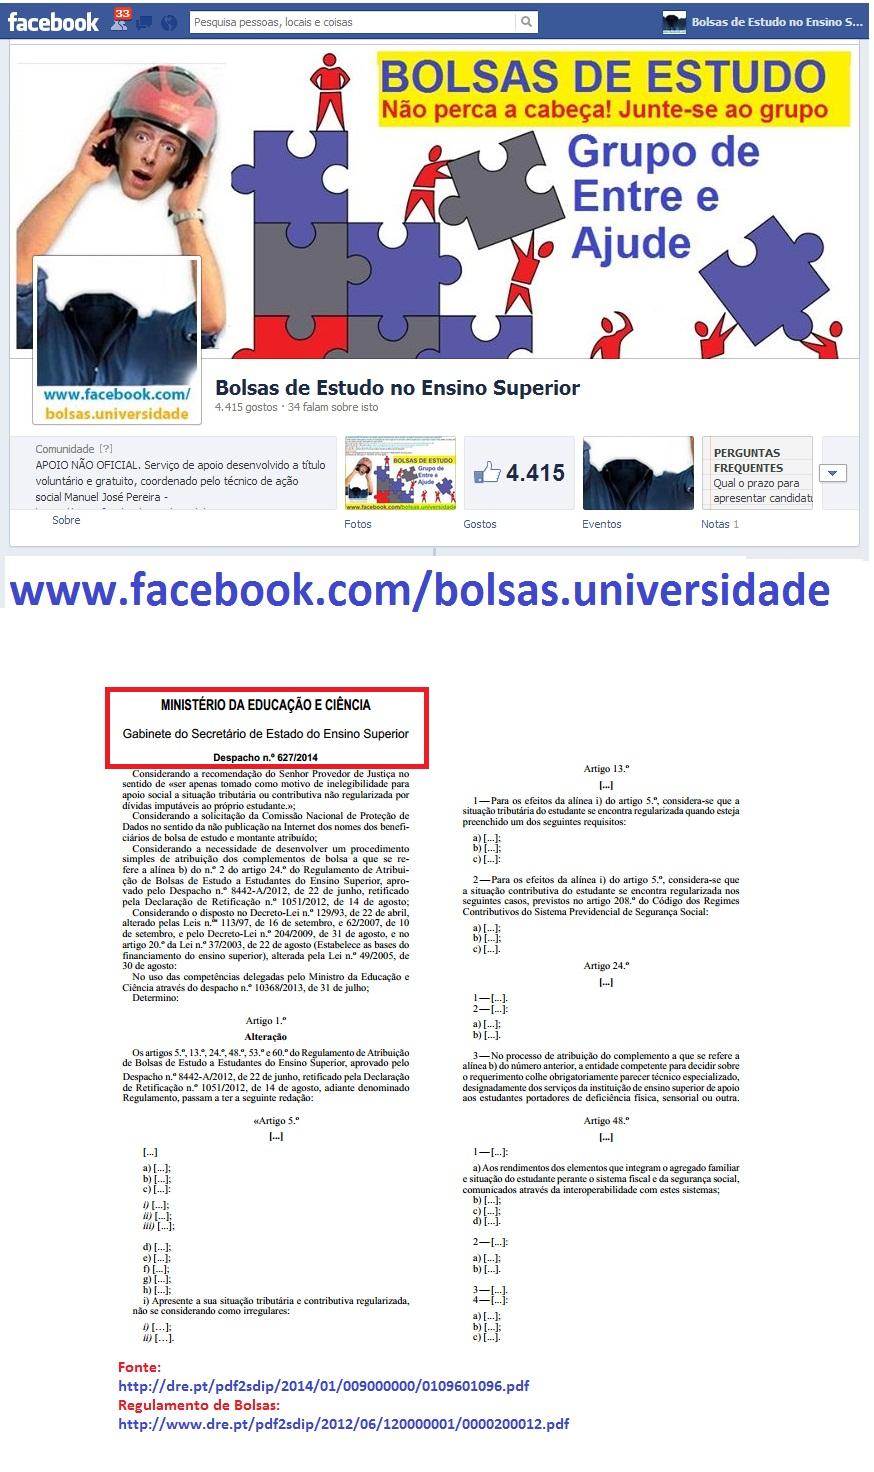 Bolsas de Estudo; Ensino Superior; Cursos; Formação; SAS; Facebook; Universidade; Escola; Instituto; Faculdade